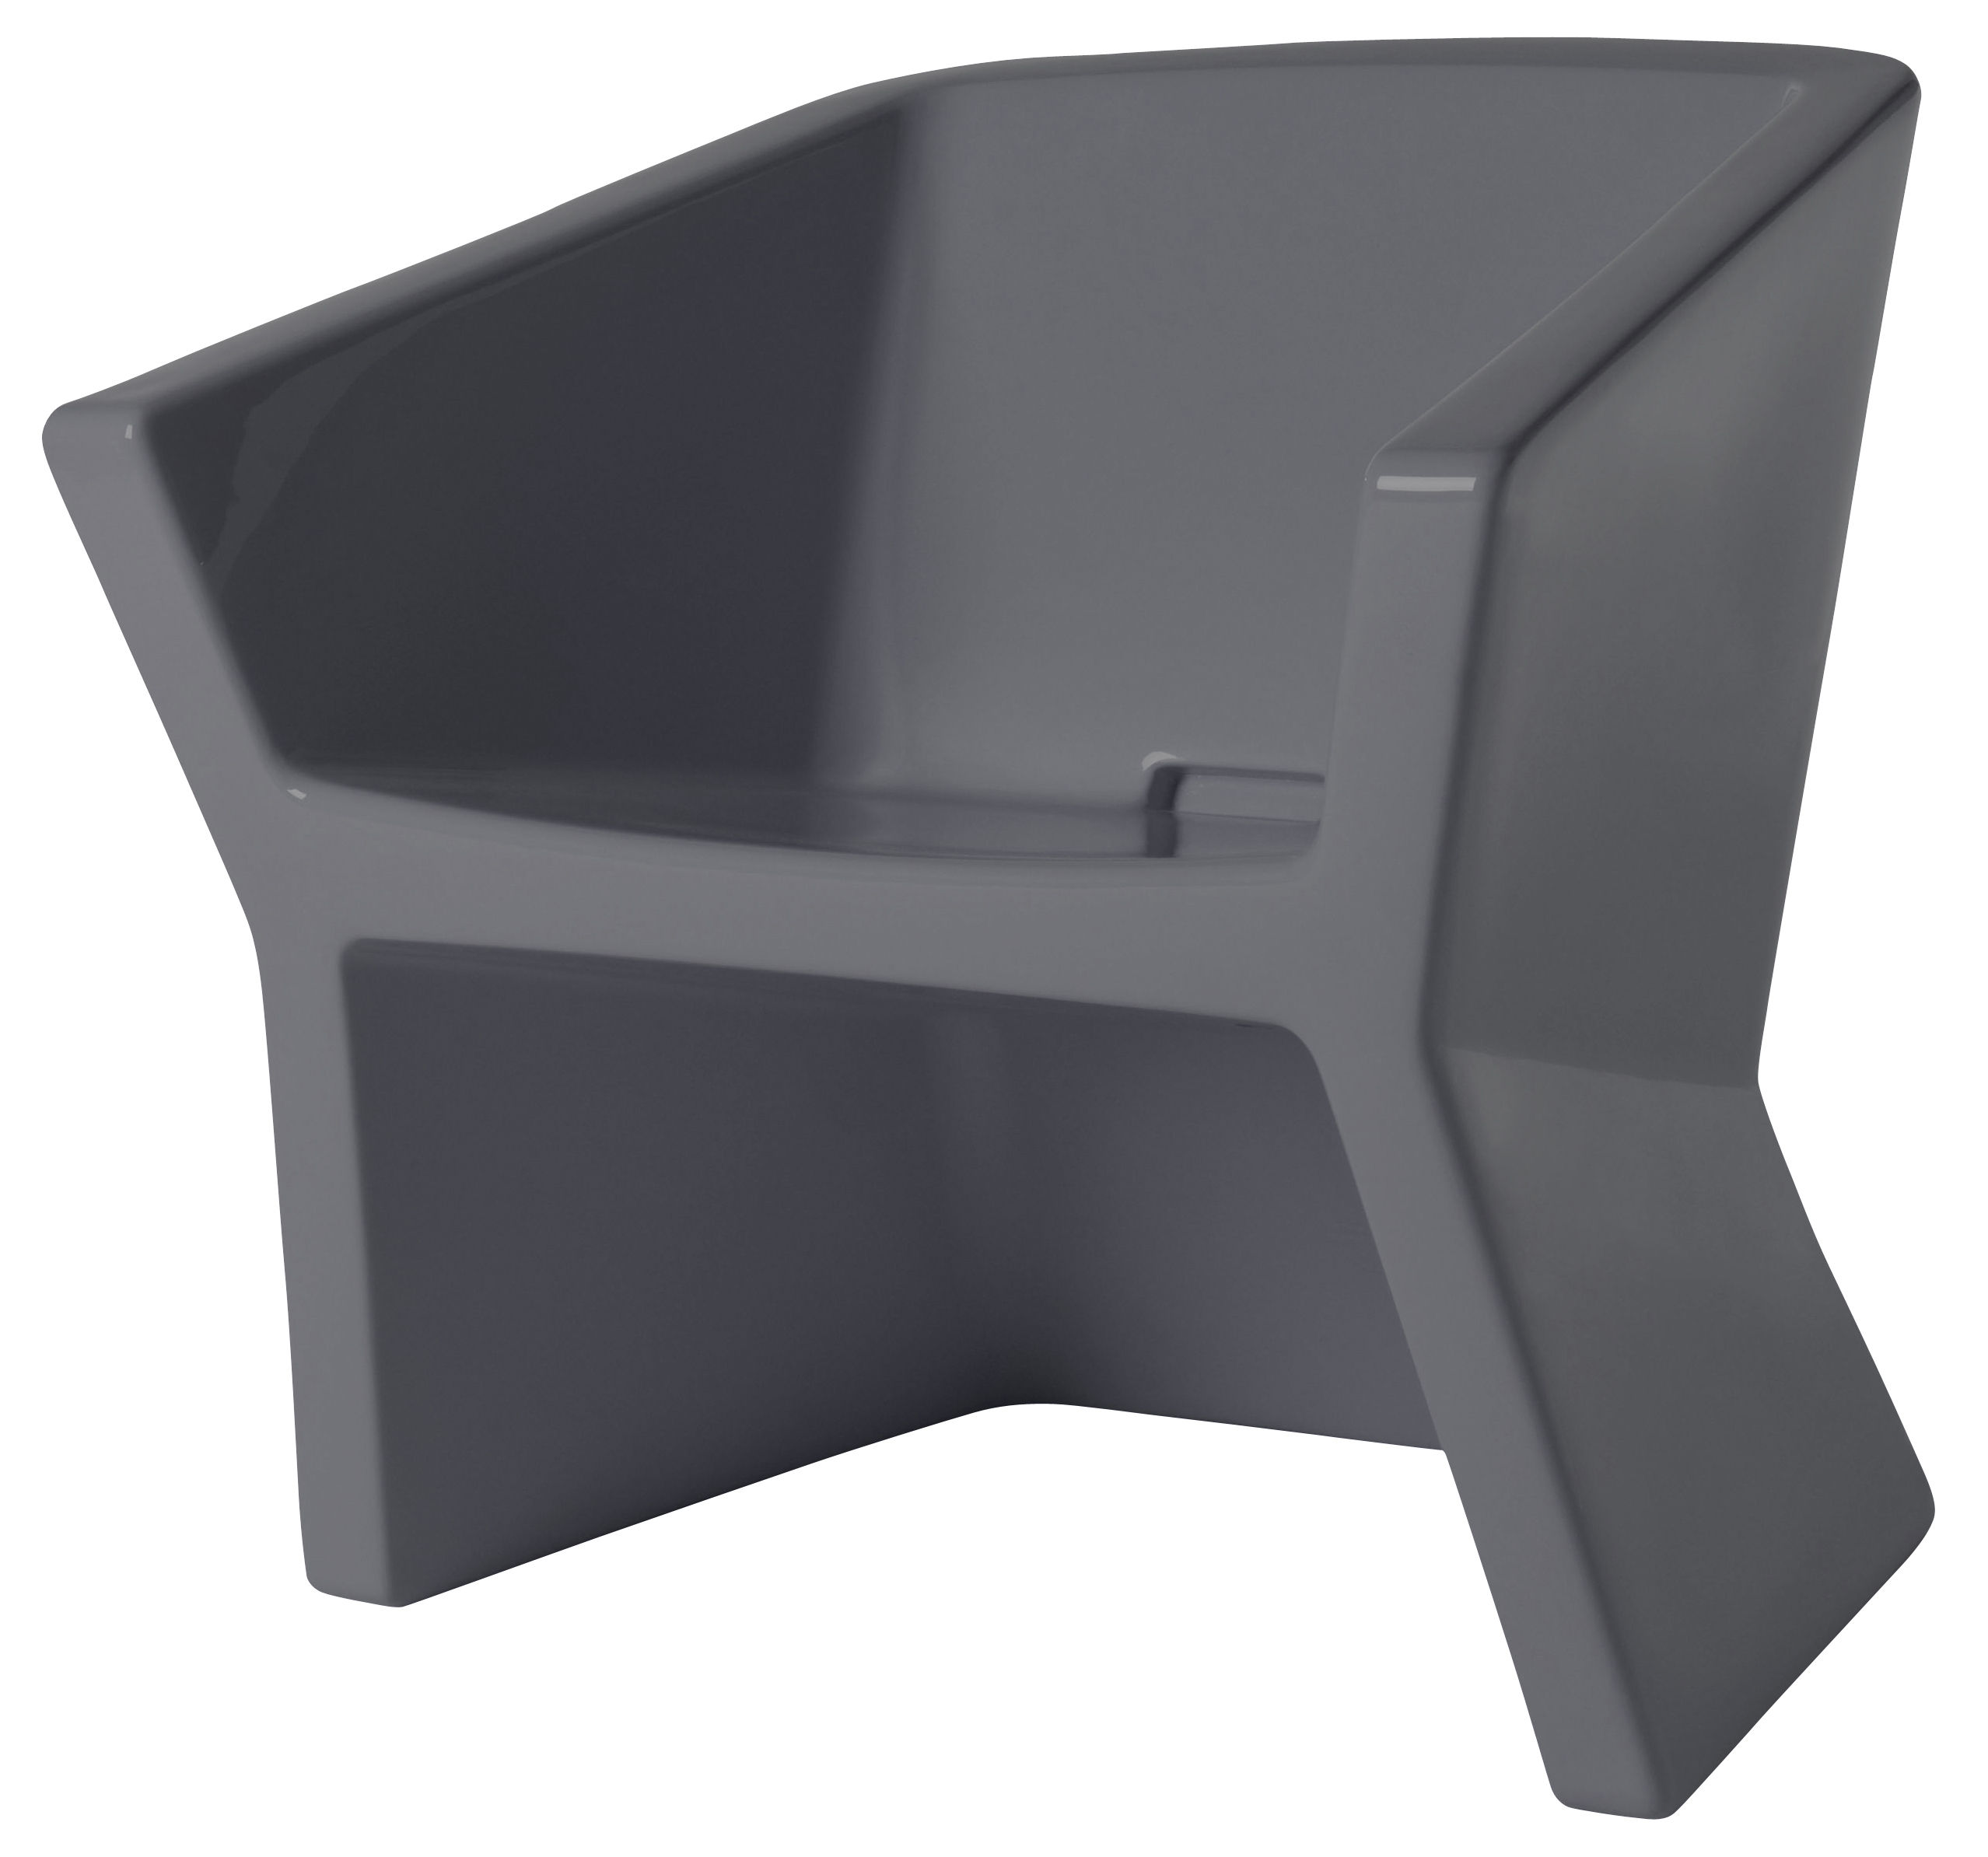 Mobilier - Chaises, fauteuils de salle à manger - Fauteuil Exofa / Plastique - Slide - Gris anthracite - polyéthène recyclable